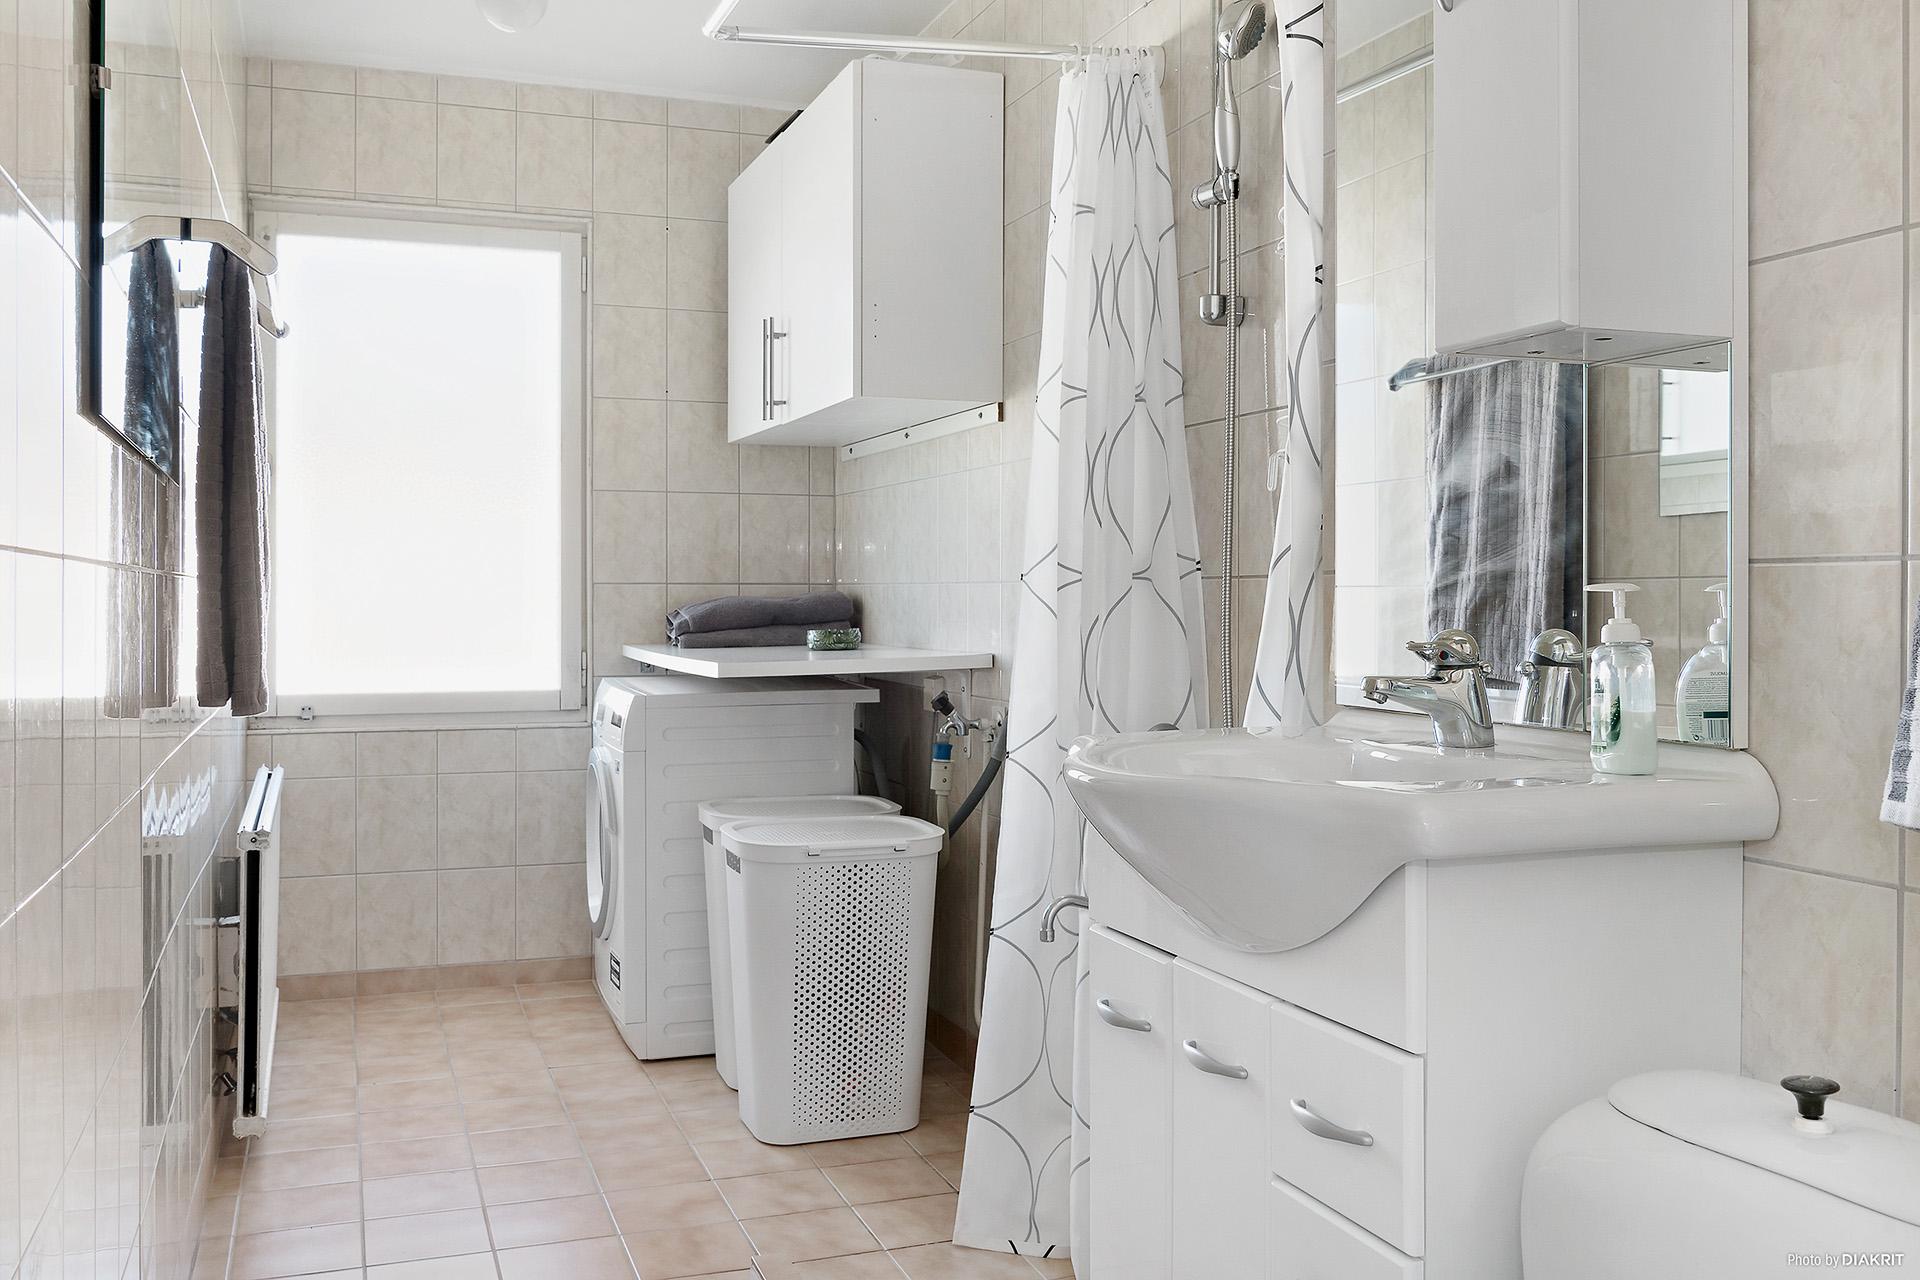 Helkaklat badrum med kombinerad tvättmaskin/torktumlare